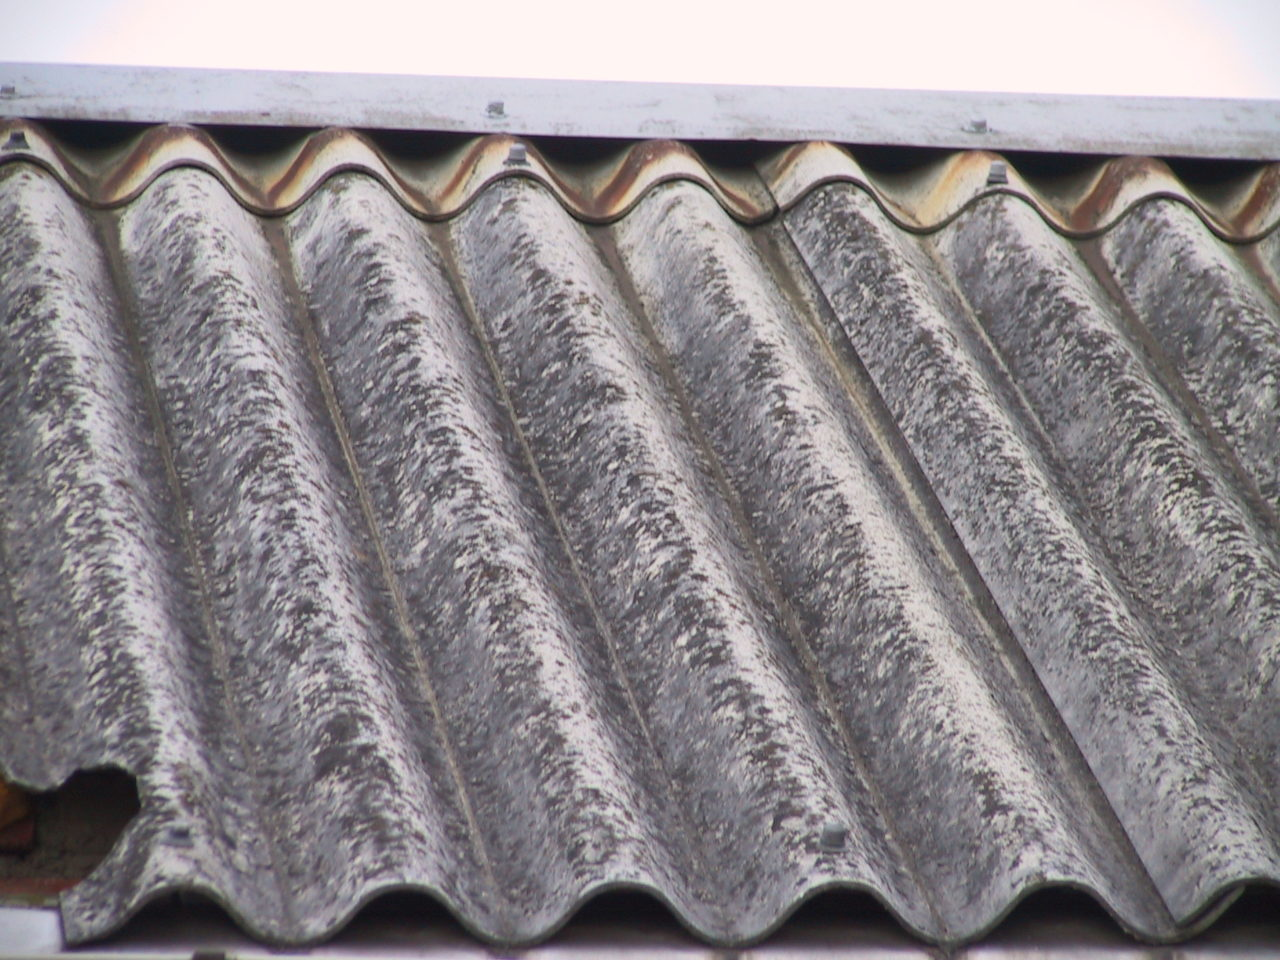 Ogłoszenie o zakończeniu inwentaryzacji wyrobów zawierających azbest